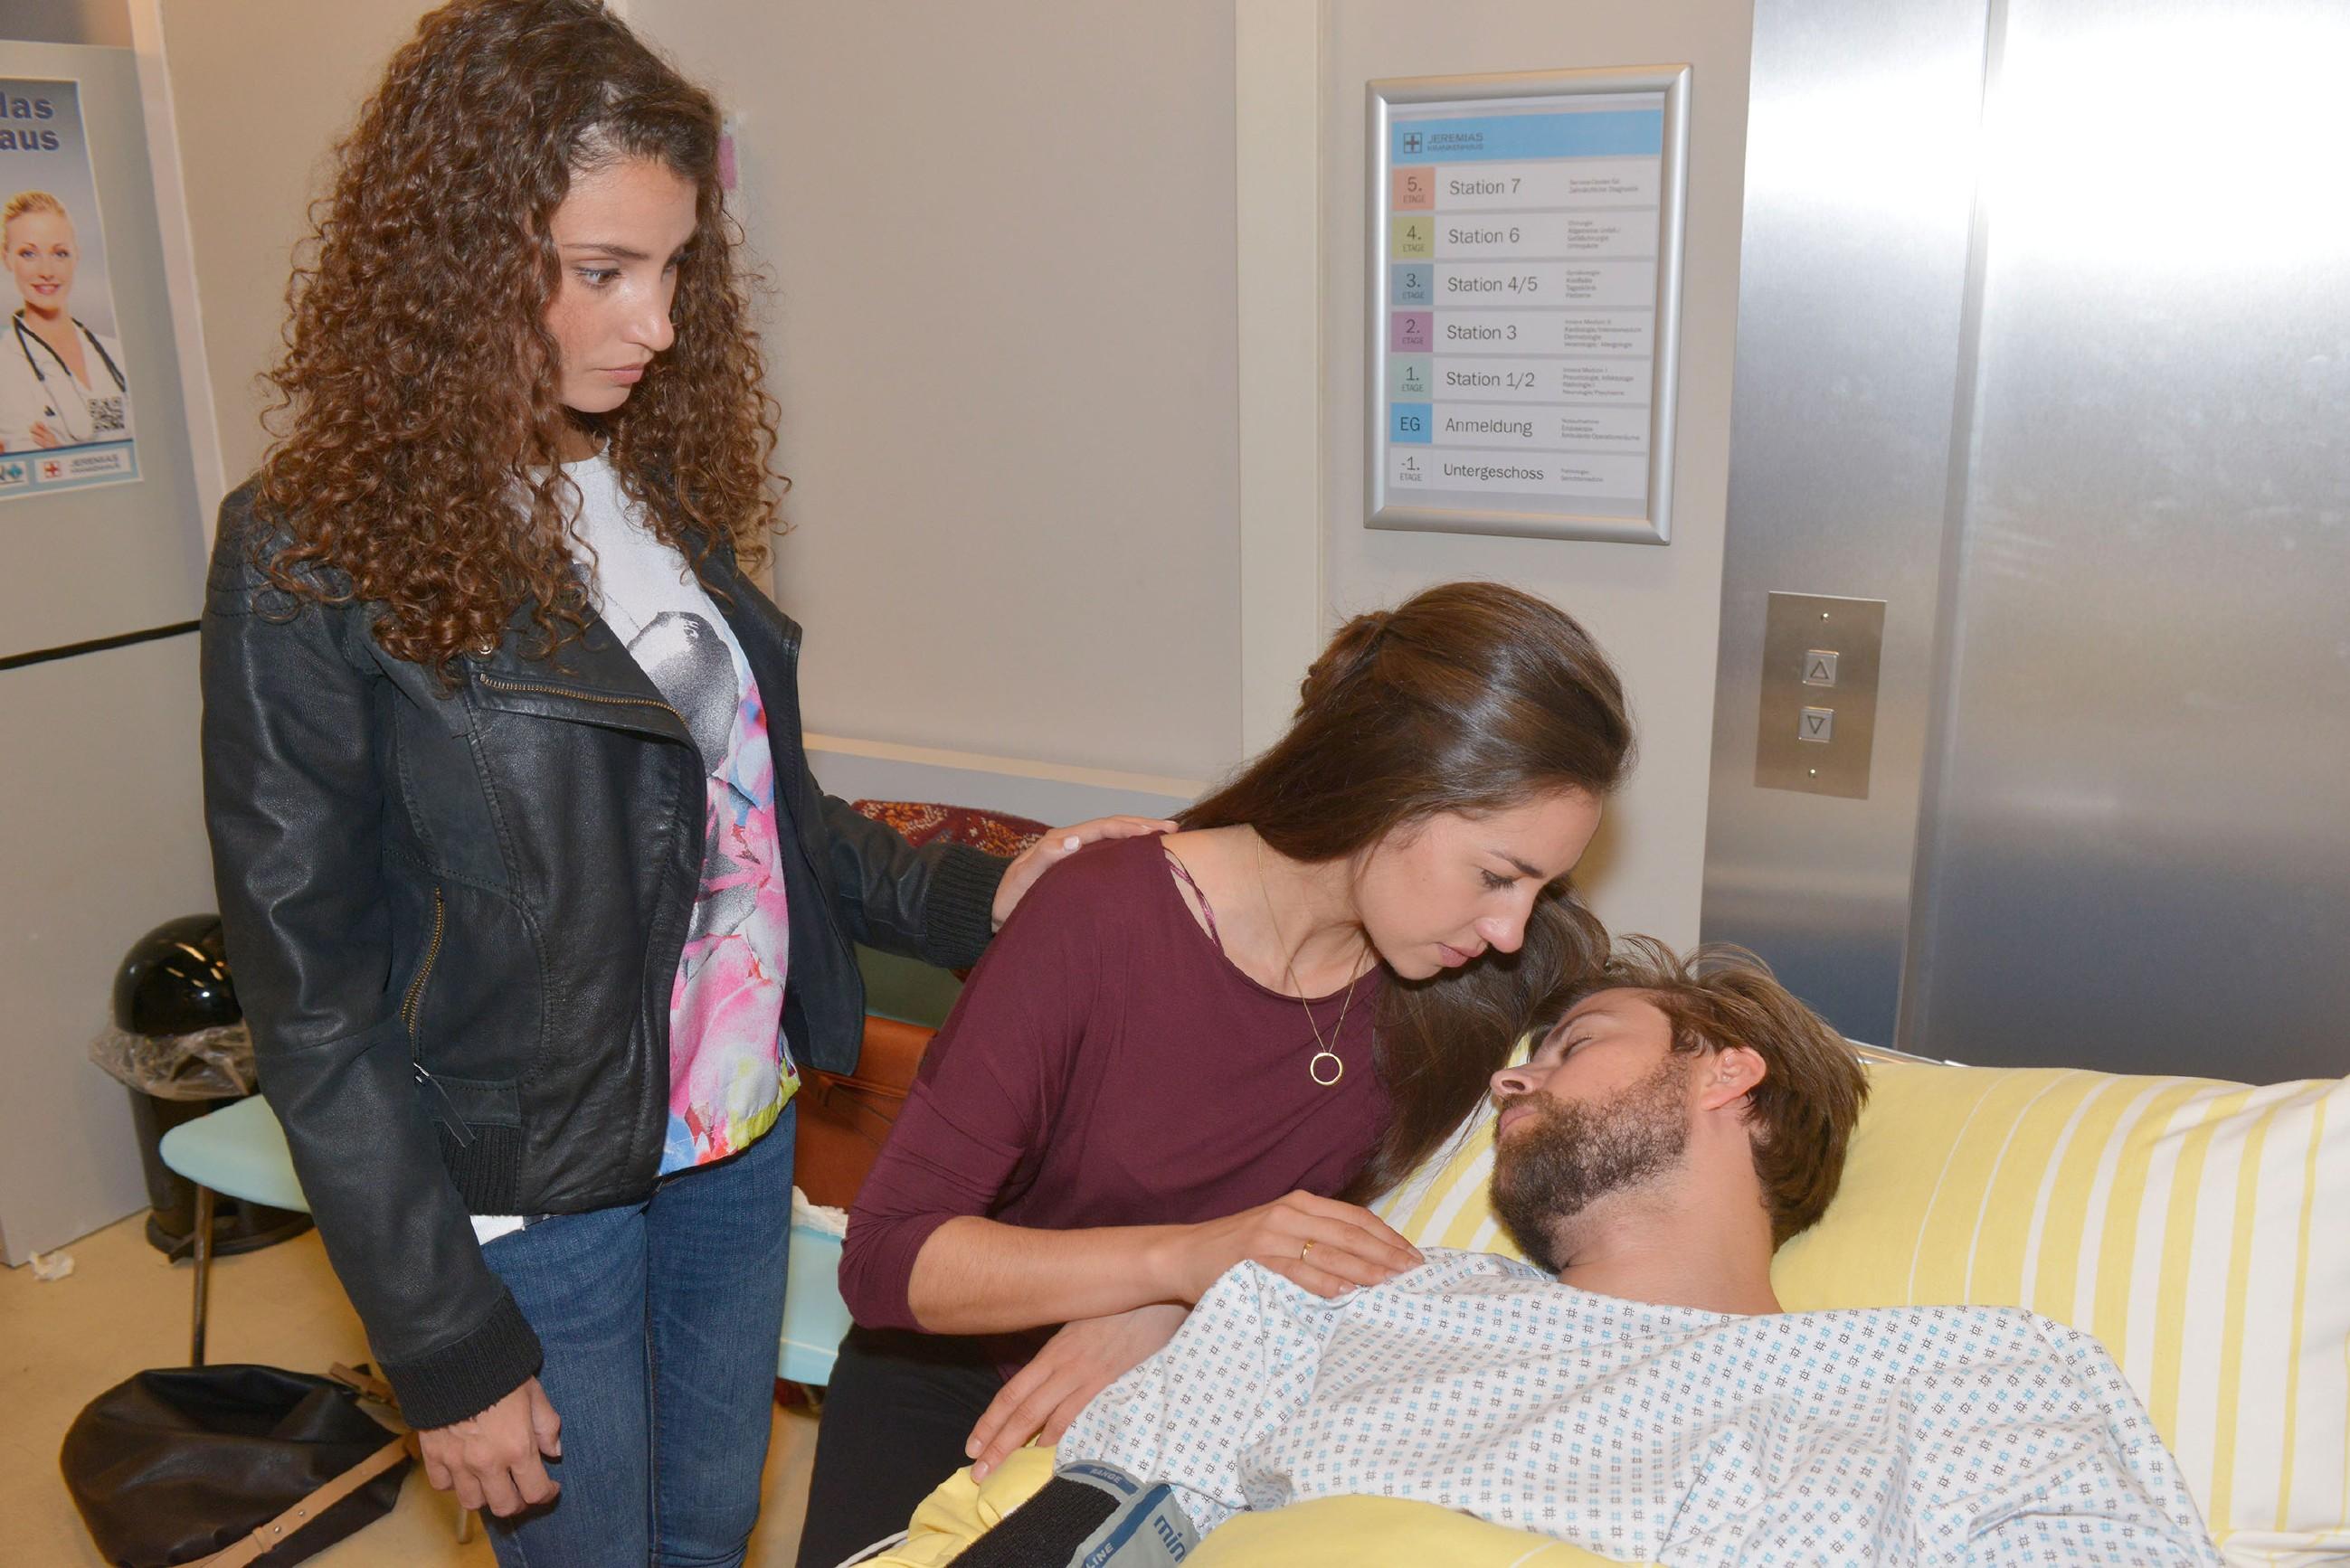 Ayla (Nadine Menz, l.) und besonders Elena (Elena Garcia Gerlach) sorgen sich um John (Felix von Jascheroff), der mit einer eitrige Rippenfellentzündung ins Krankenhaus gebracht wurde. (Quelle: RTL / Rolf Baumgartner)